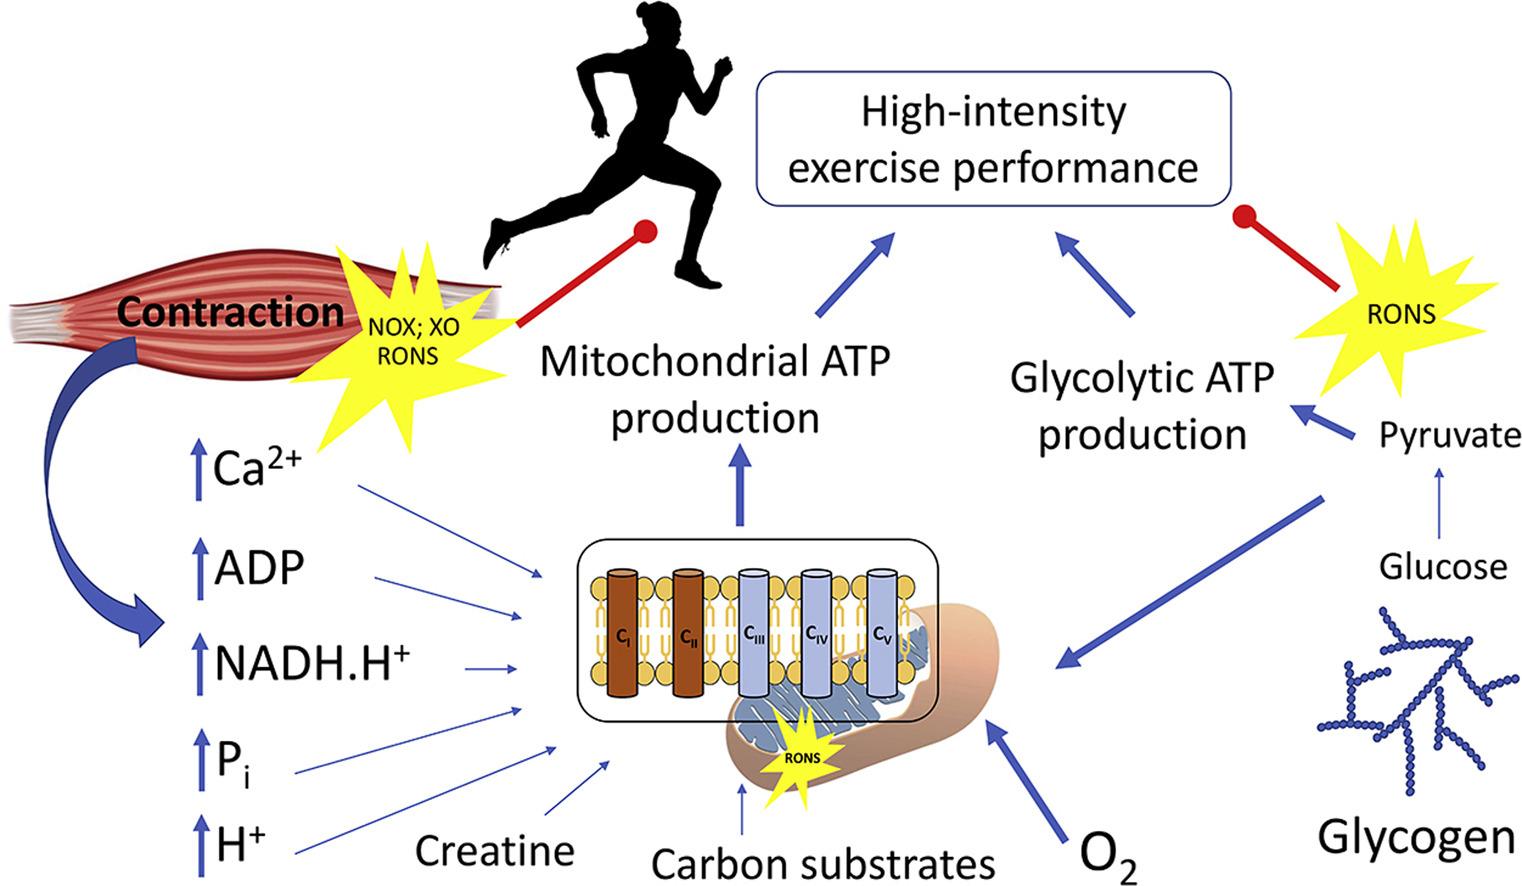 Дыхание митохондрий улучшается при интенсивных физических упражнений